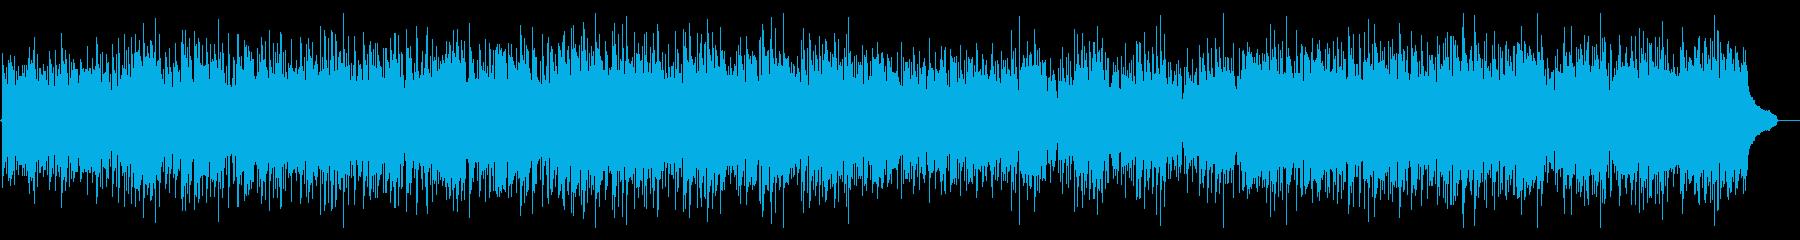 パーカス抜】アップテンポで陽気なウクレレの再生済みの波形